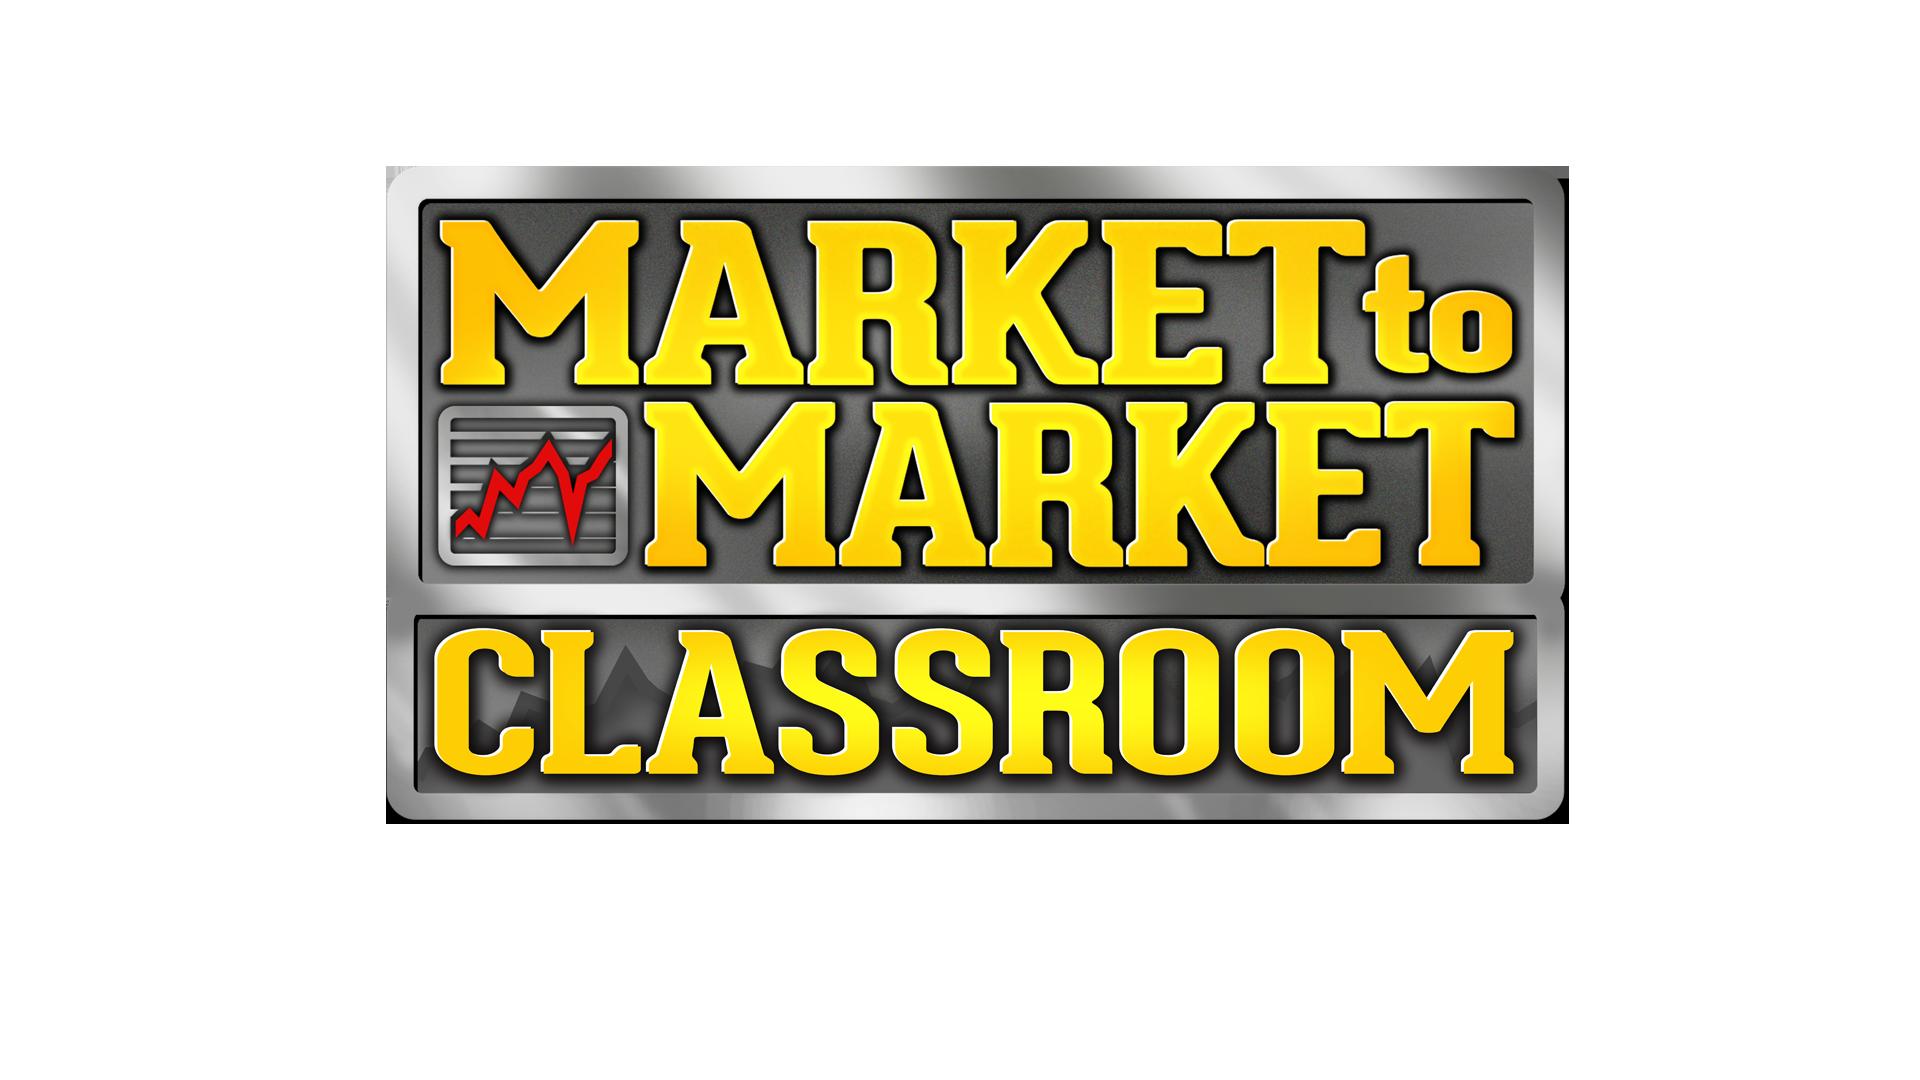 Market to Market Classroom